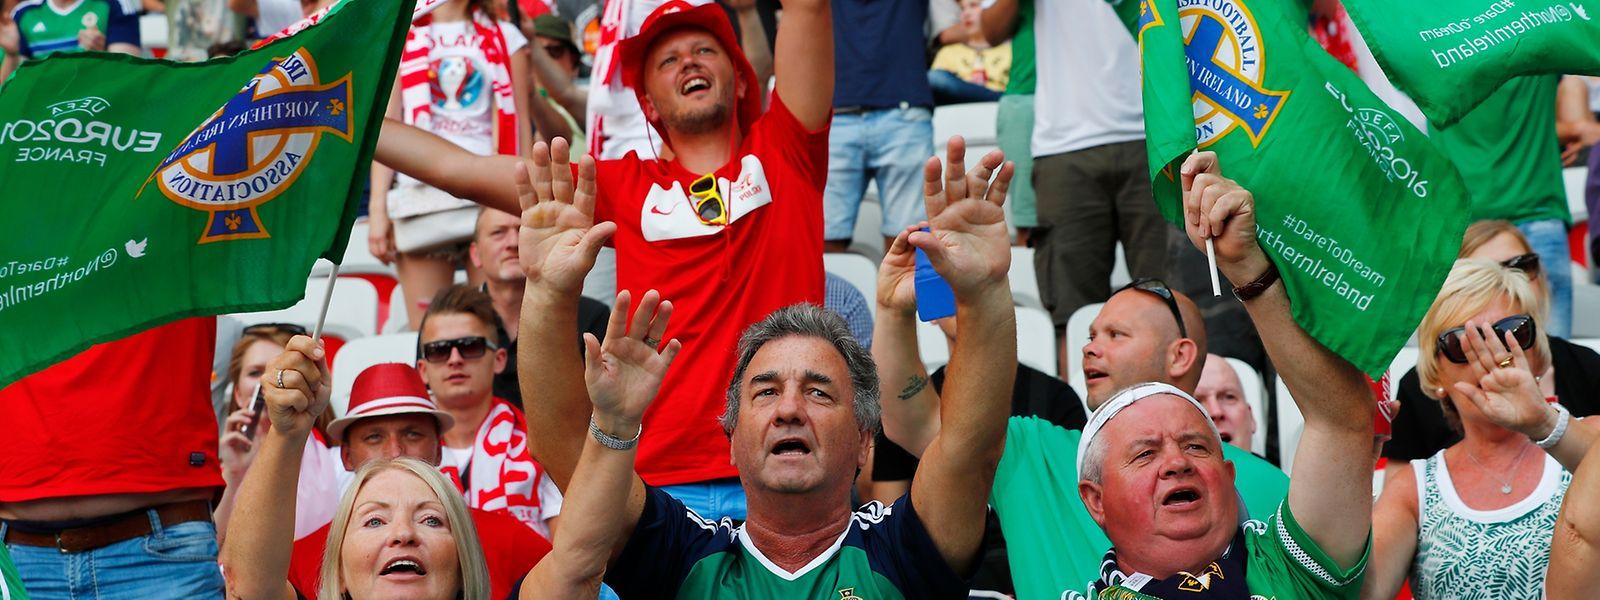 Nordirische und polnische Fans im Stadion: Beim ersten Gruppenspiel der Nordiren wurde der Ohrwurm dieser EM ebenfalls angestimmt.